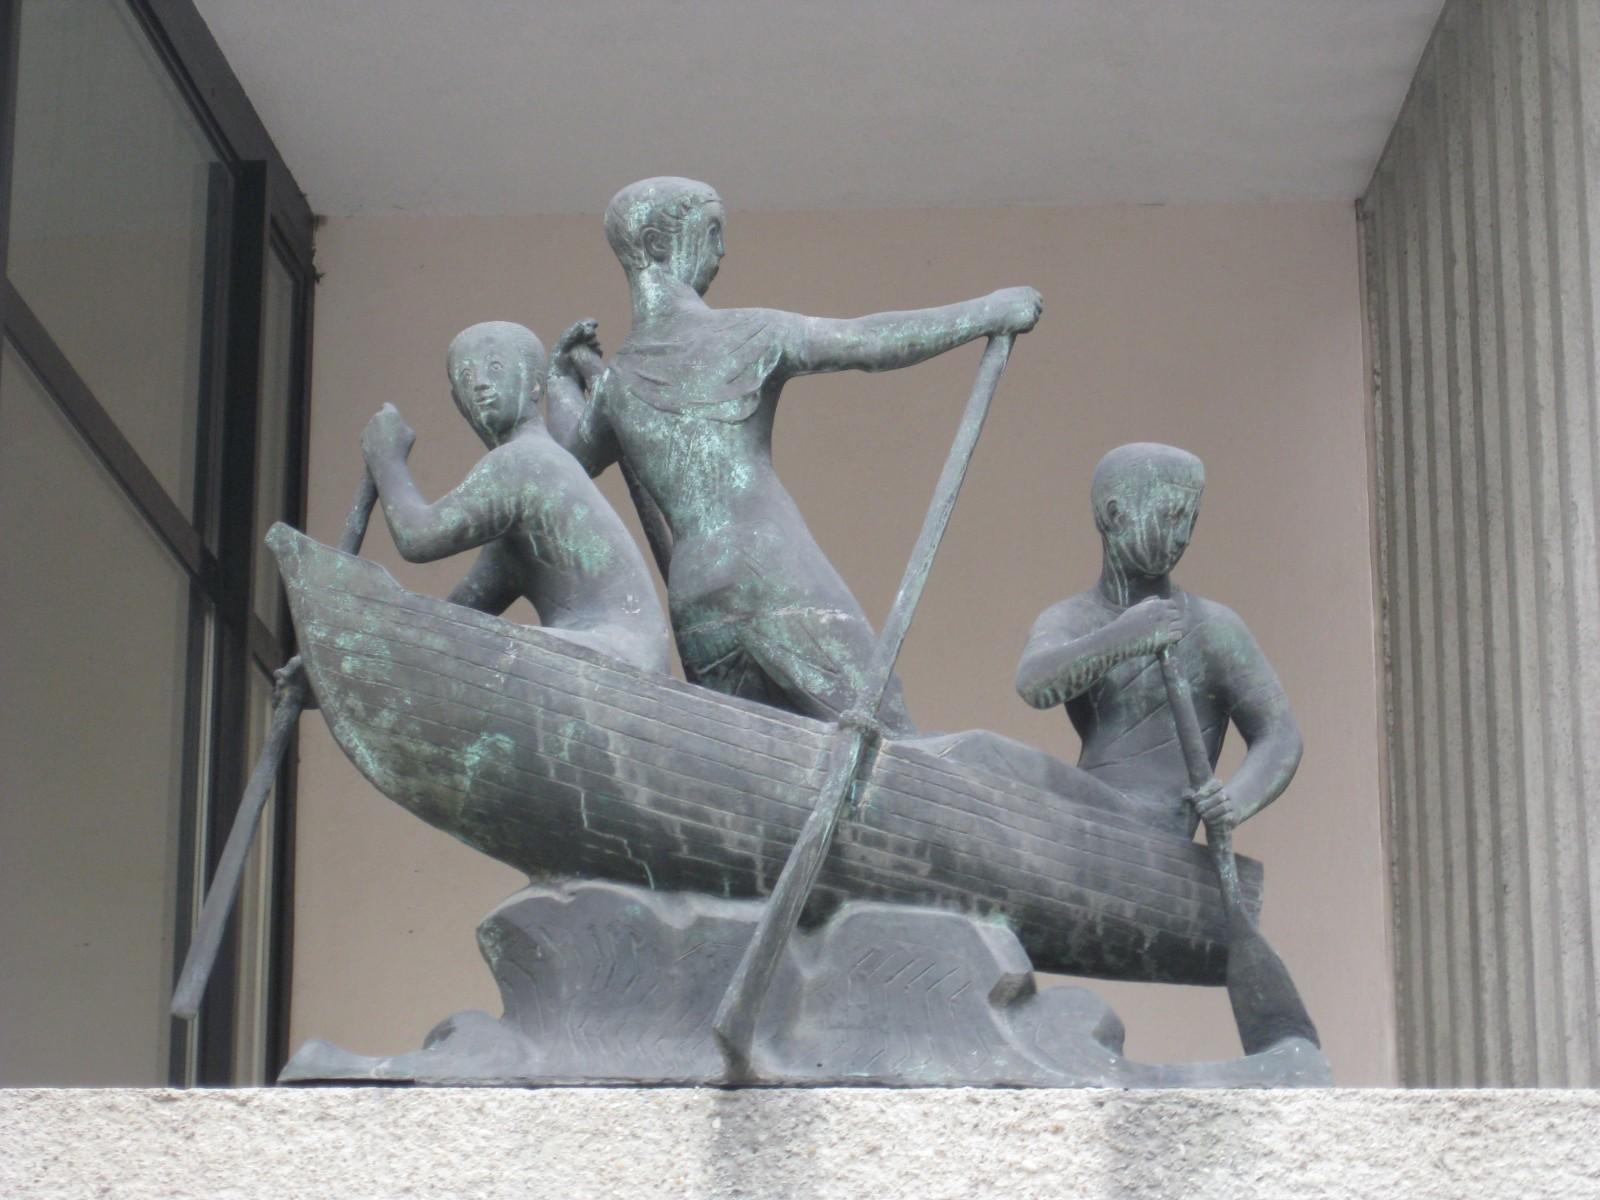 1010 Passauer Platz 5 - Concordia-Hof - Bronzeplastik Salzschiffer von Franz Barwig d.J. 1958 IMG 7576.jpg